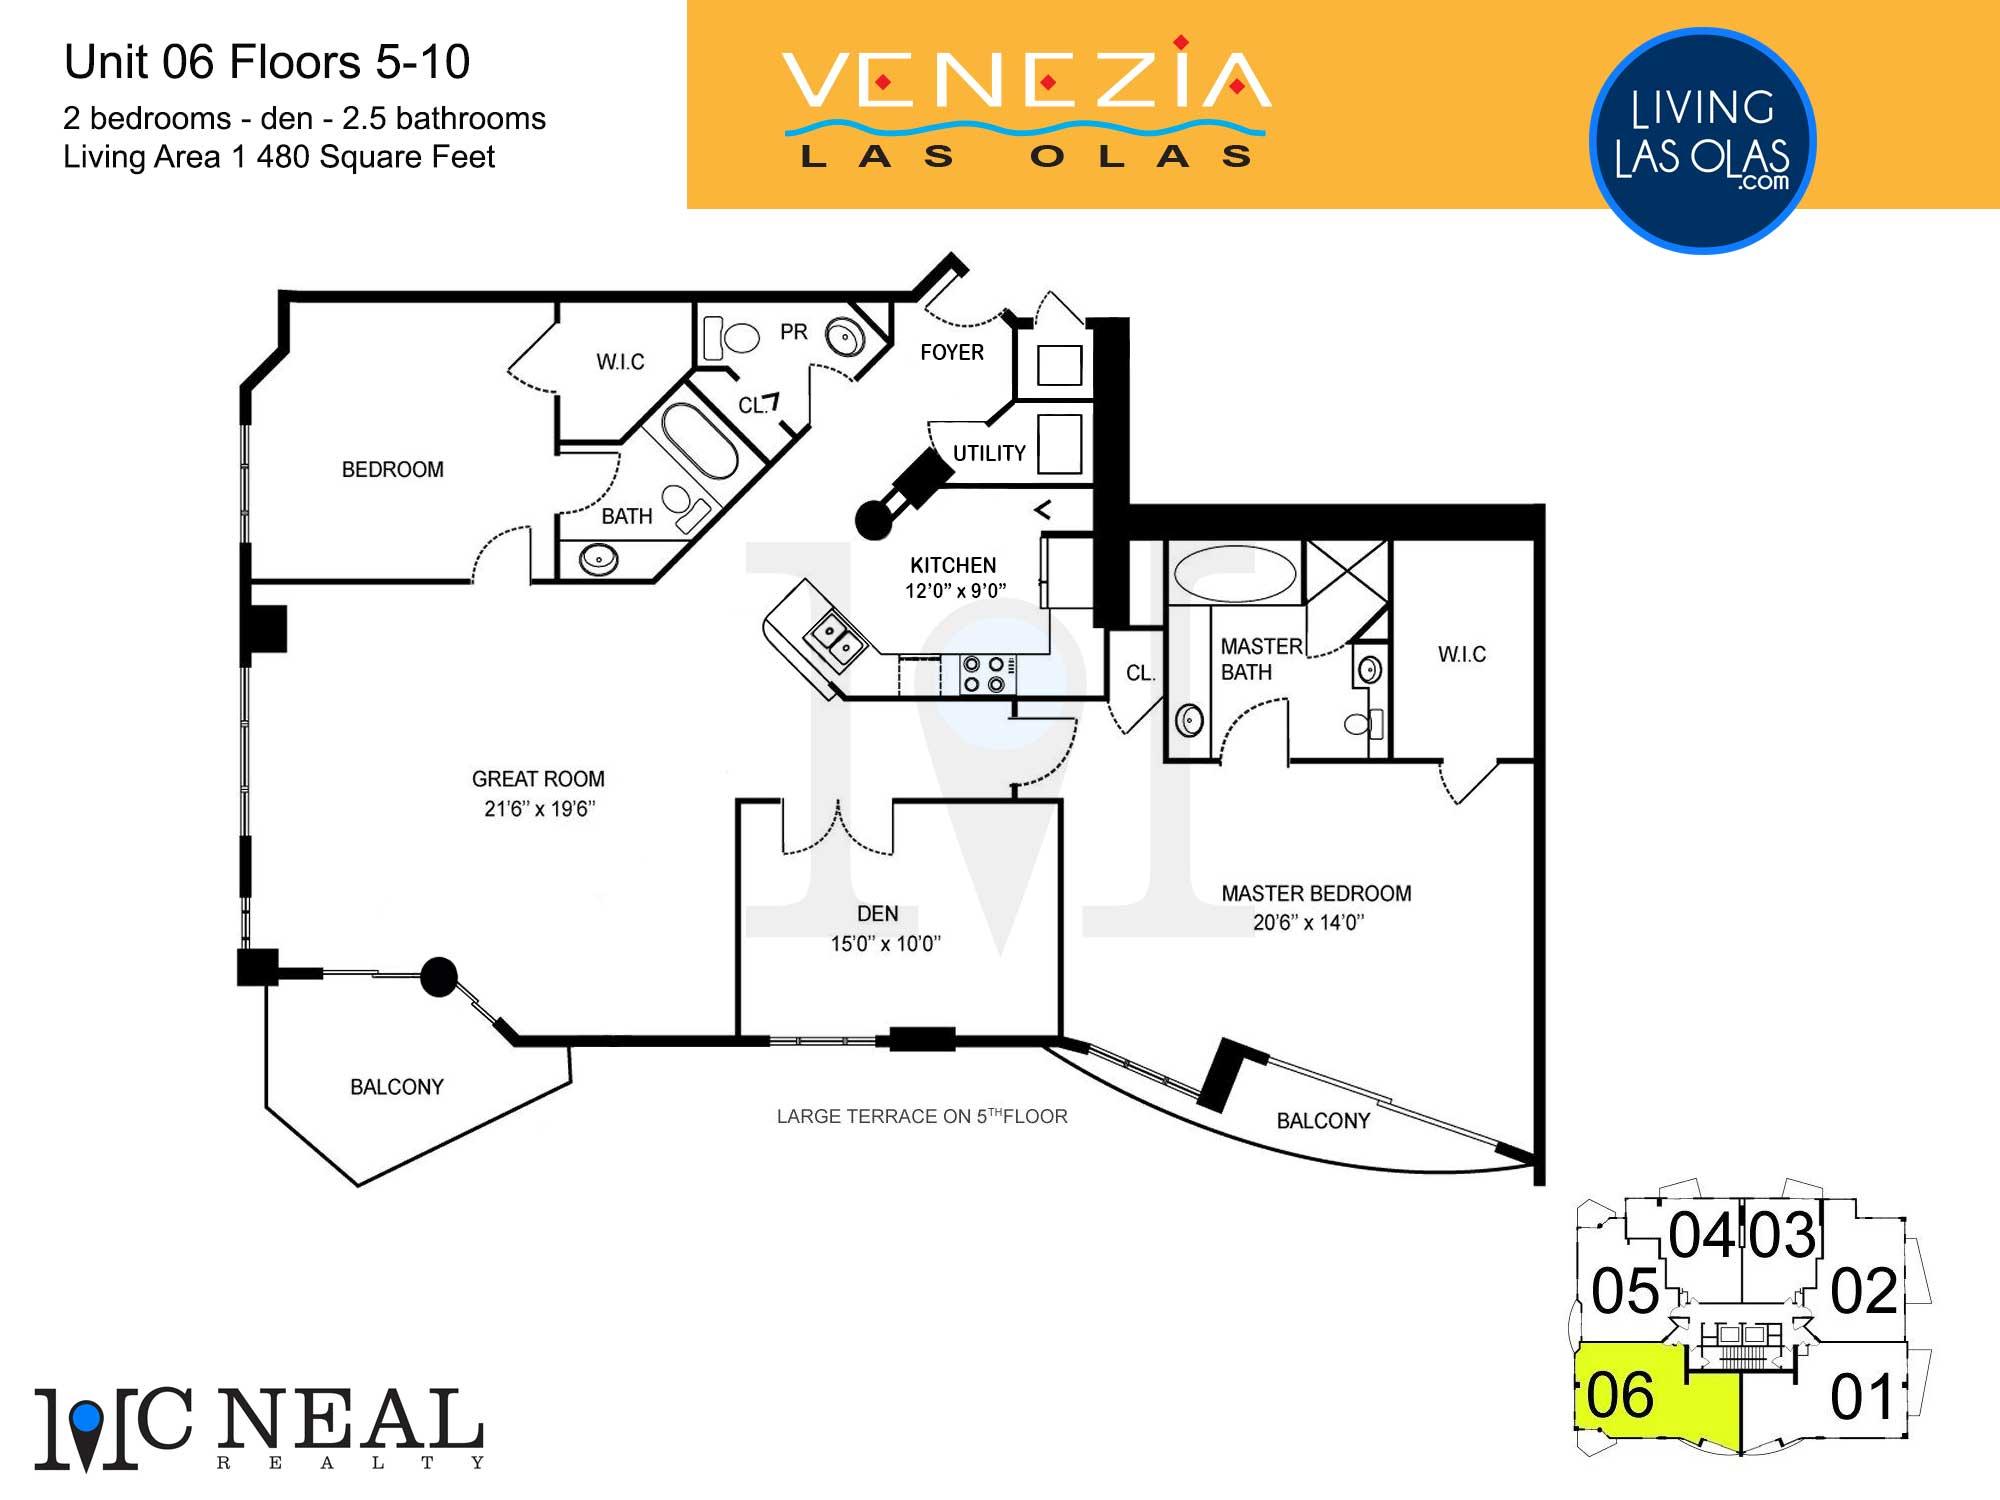 Venezia Las Olas Floor Plans 5-10 Unit 6